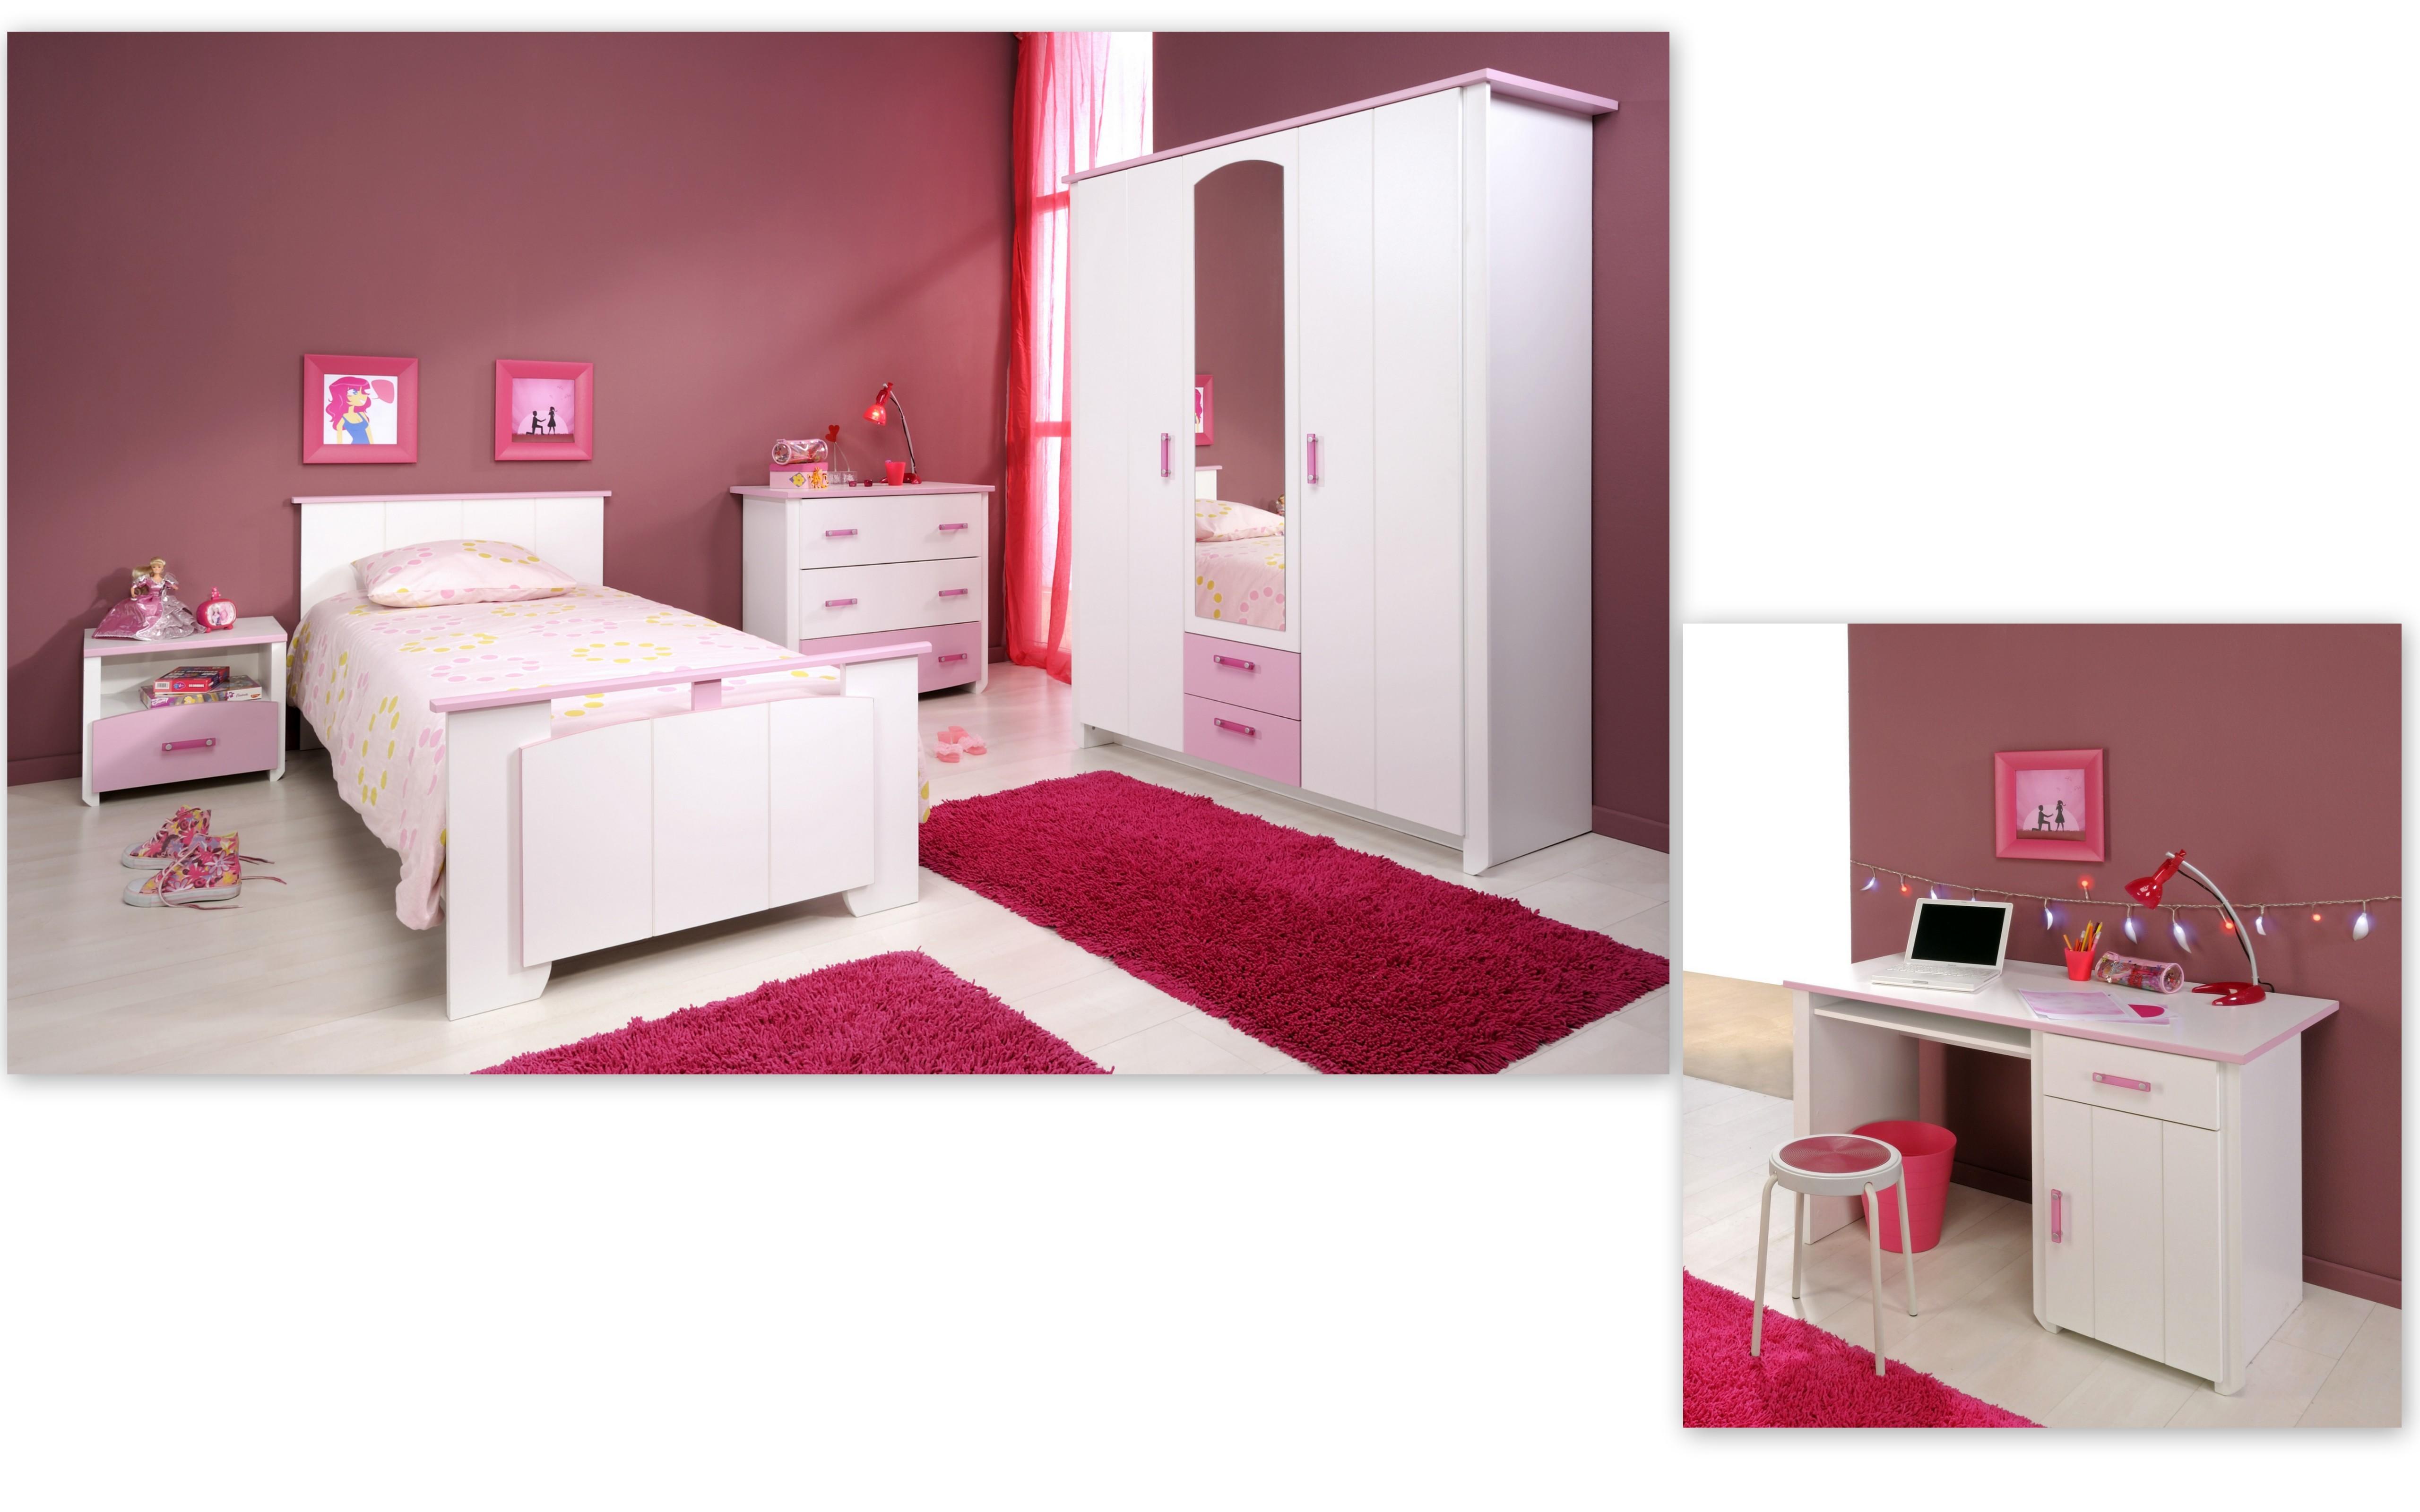 Schlafzimmer 5-tlg. inkl 90x200 Bett u Kleiderschrank 3-trg Biotiful ...